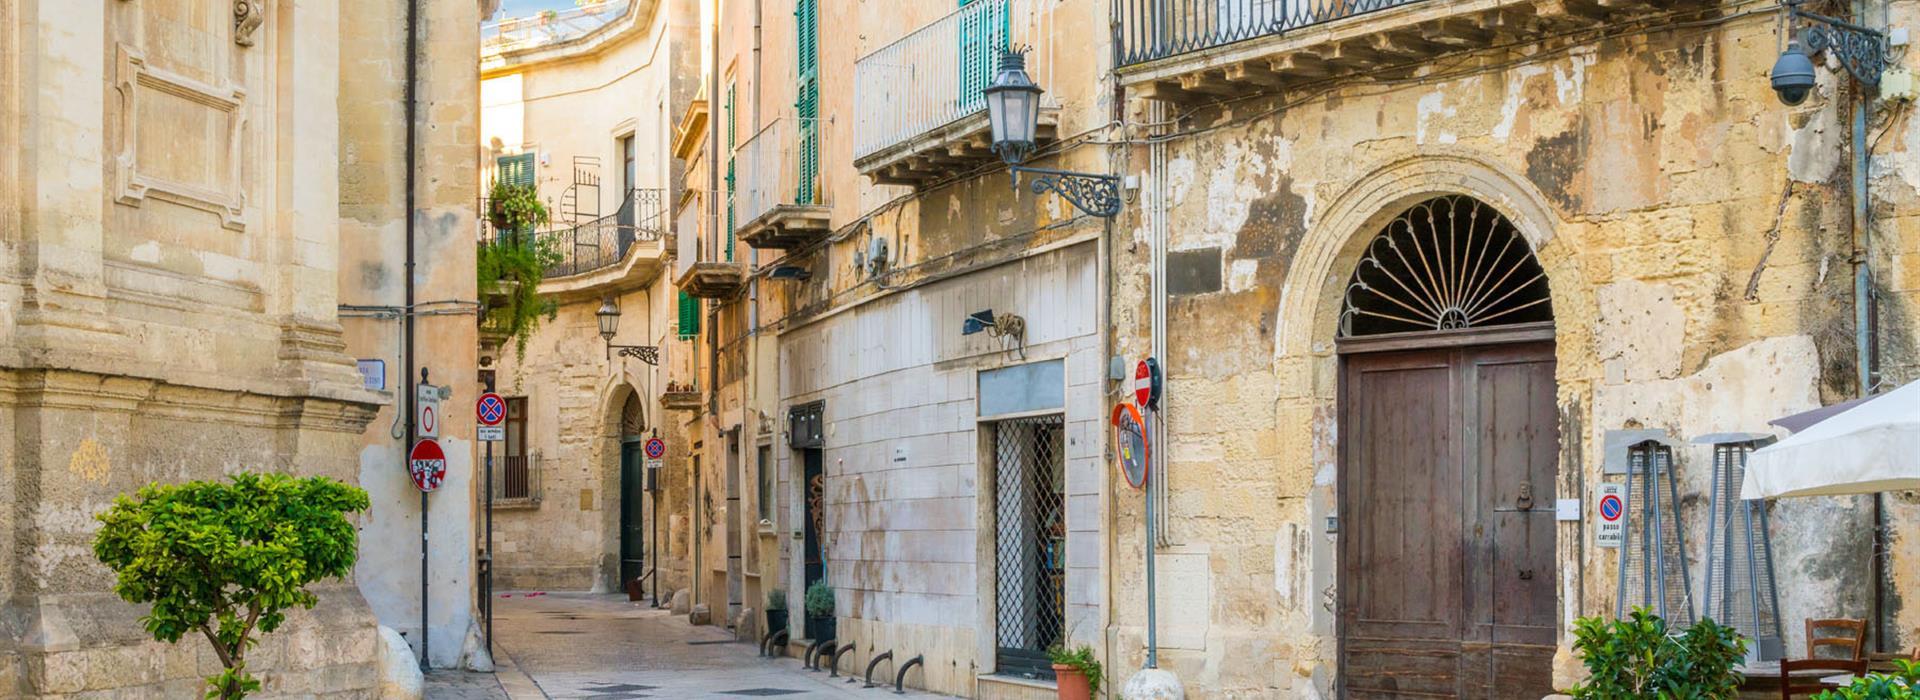 Italy-Lecce_747525895